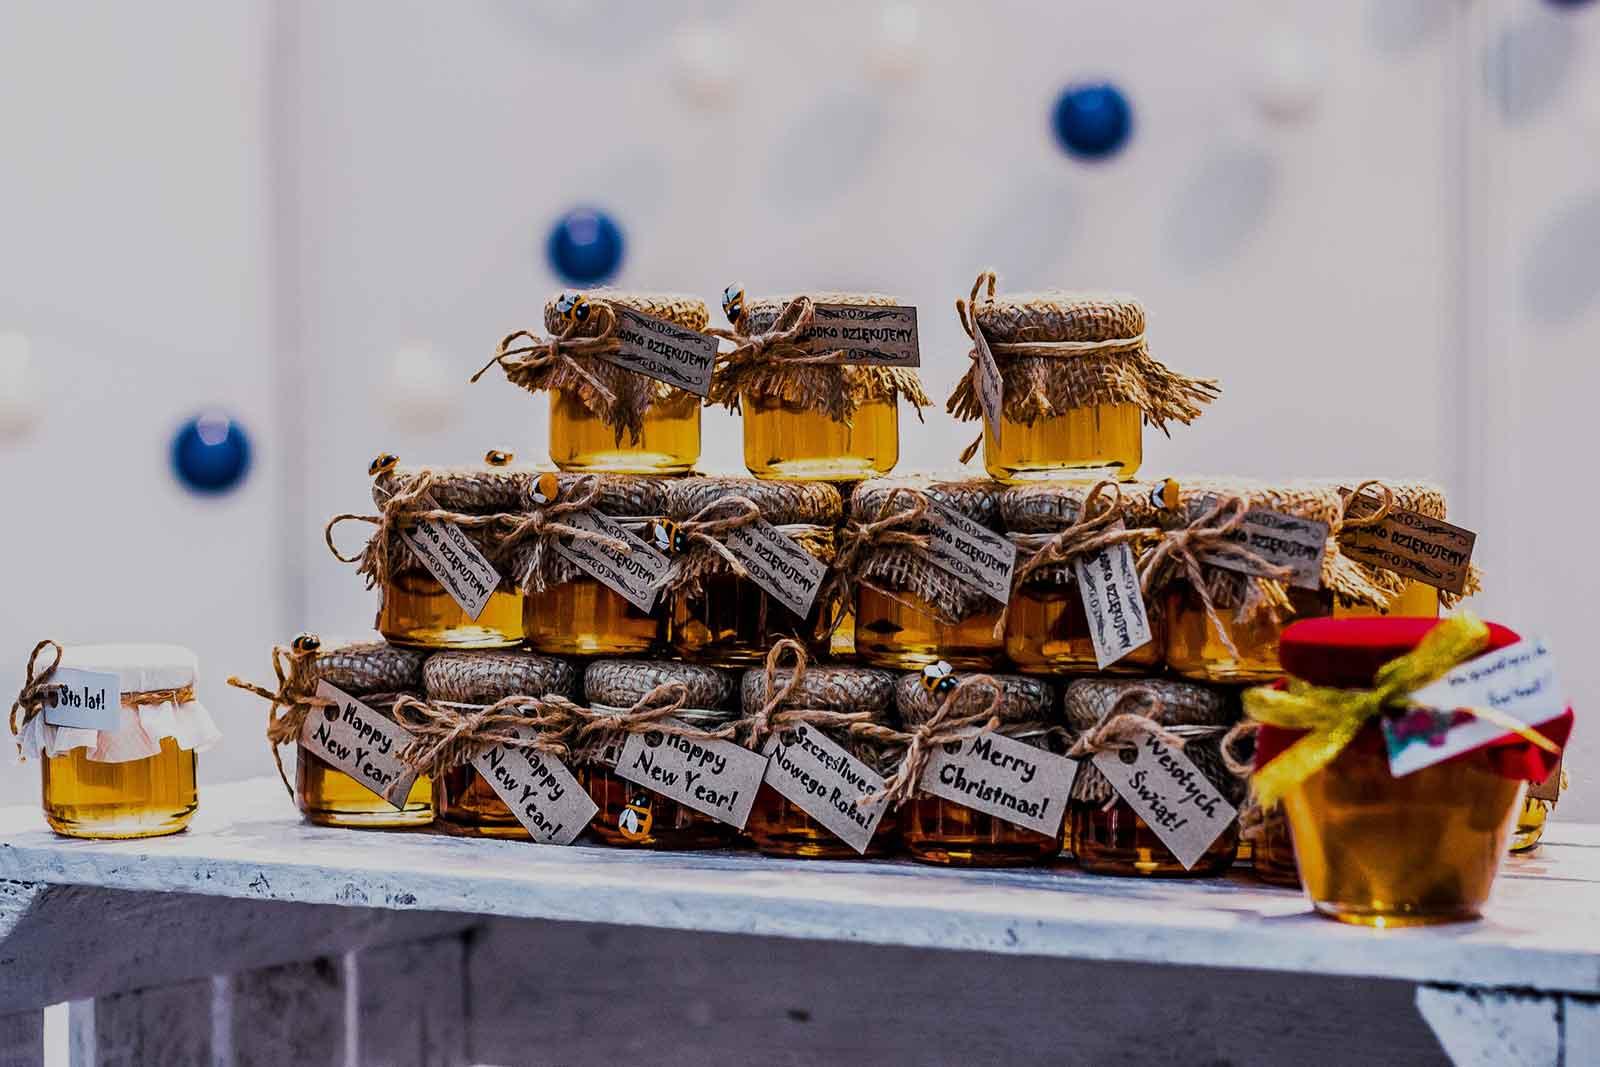 마누카 꿀 등급 구별법 – 뉴질랜드 꿀 MGO UMF 비교